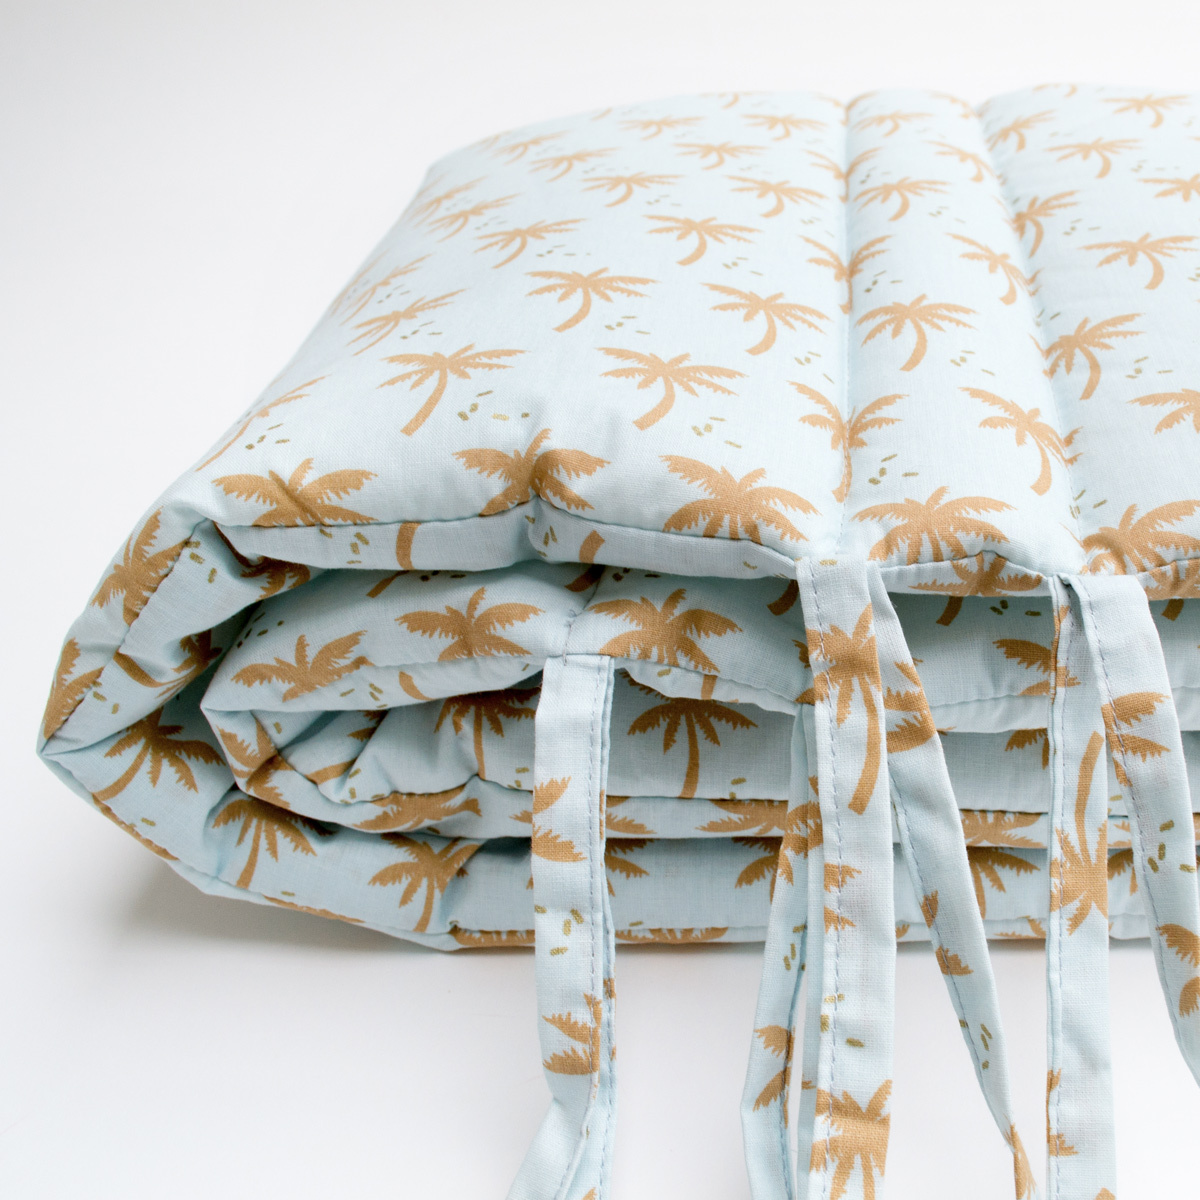 cocoeko tour de lit palmier linge de lit cocoeko sur l 39 armoire de b b. Black Bedroom Furniture Sets. Home Design Ideas